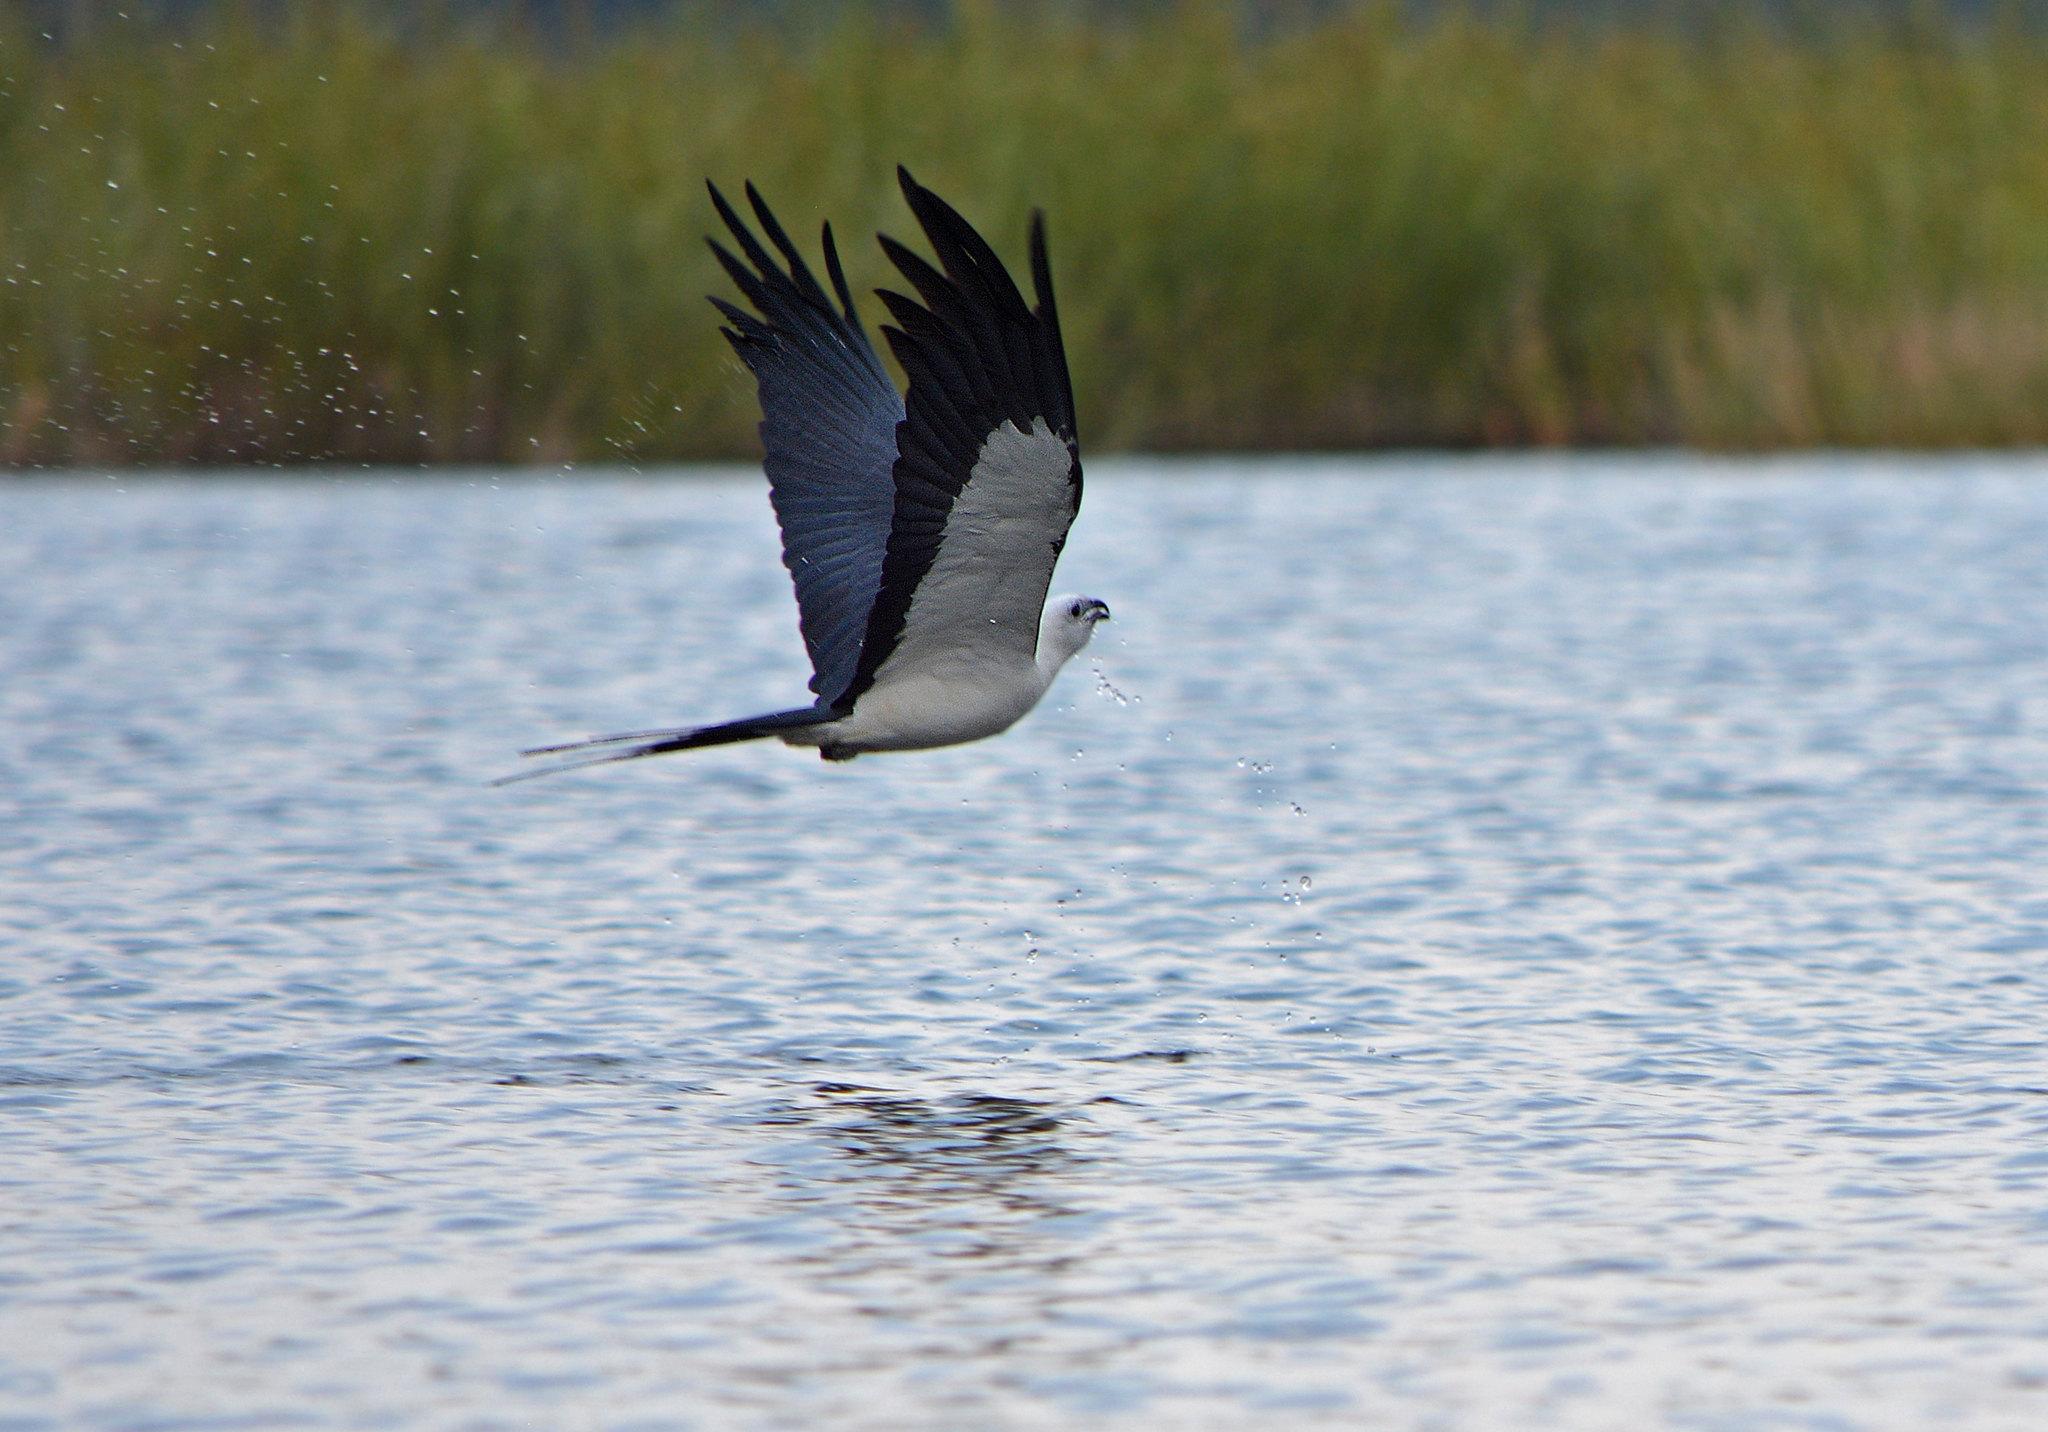 Swallow kite